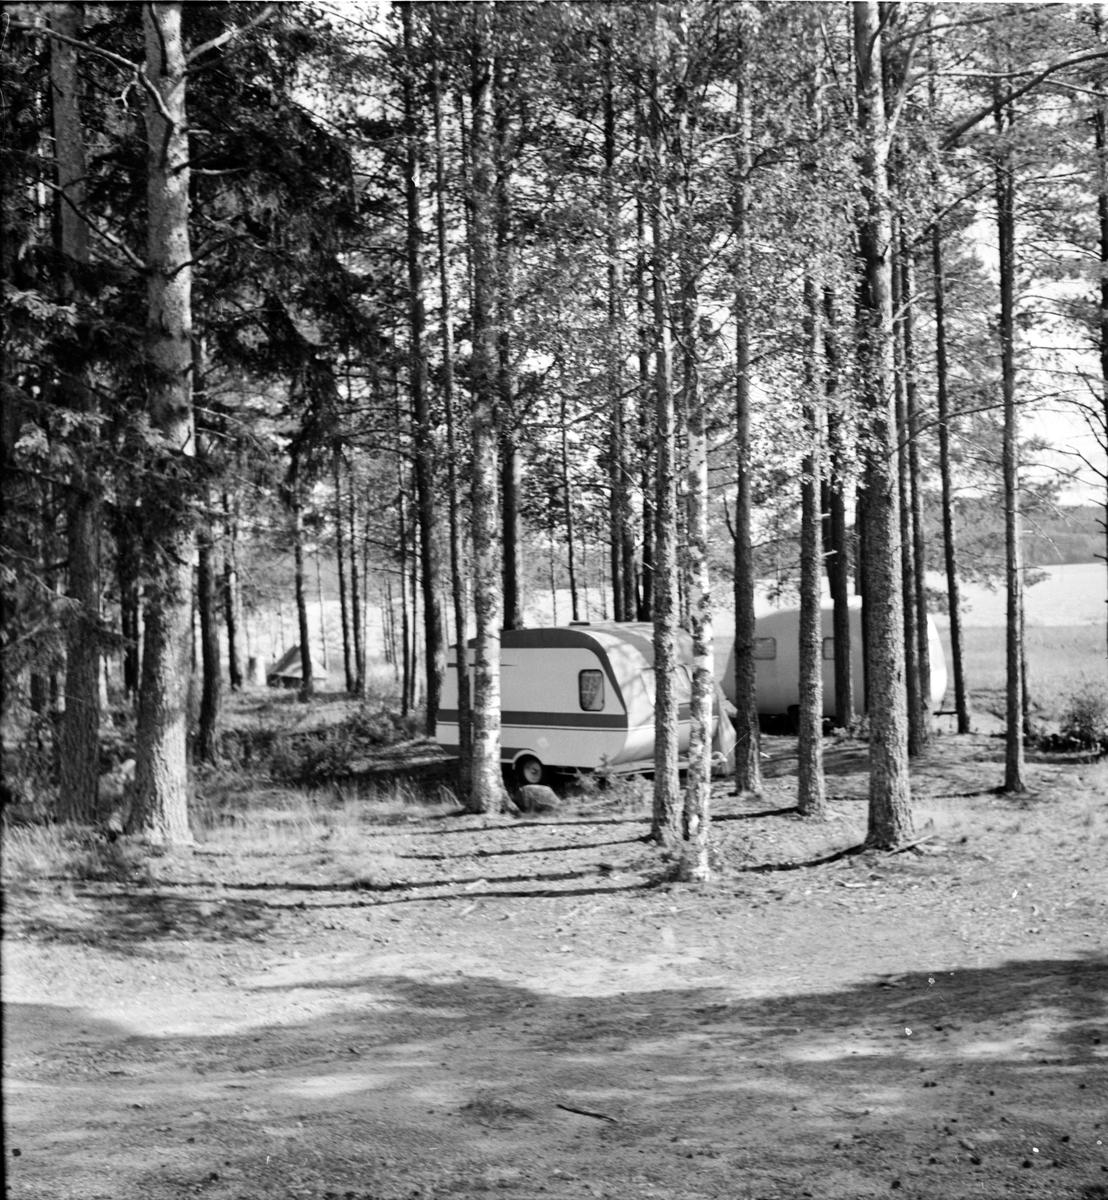 Galven, Skolan m.fl. hus, Juli 1971